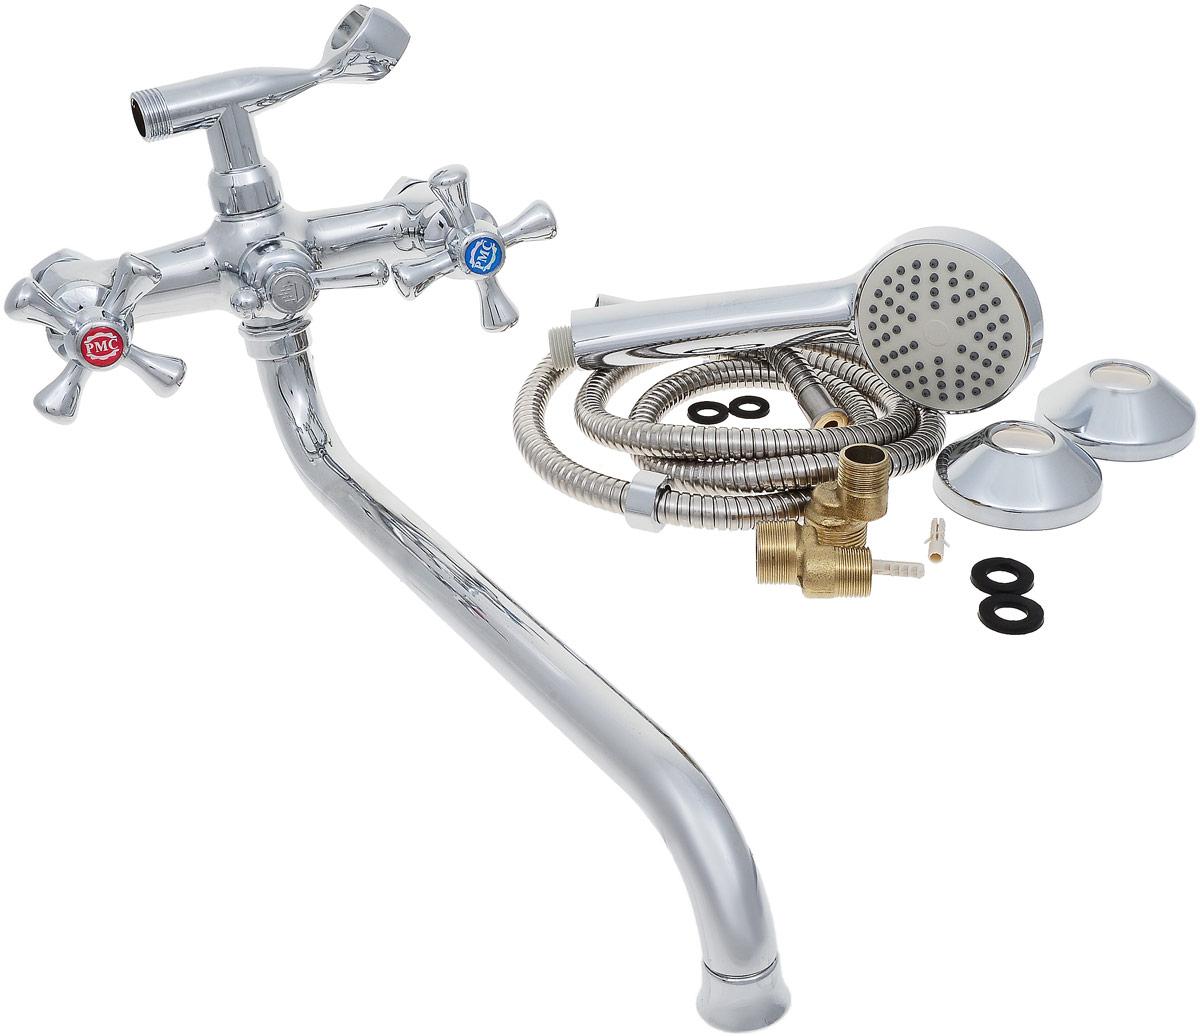 Смеситель для ванны и душа РМС, с длинным изливом, цвет: хром. SL70-143SL55-004FB-15/SL55-004F-15Двуручковый смеситель для ванной комнаты РМС предназначен для смешивания холодной и горячей воды. Выполнен из высококачественной латуни повышенной прочности, устойчивой к коррозии. Кран-букса латунная с керамическими пластинами, угол поворота 180°. Оснащен длинным изливом. Переключение на душ - шаровое. Аэратор выполнен из пластика. В комплекте: эксцентрики, отражатели, металлический шланг для душа 1,5 м, лейка для душа.Максимальное давление: 10 бар.Испытательное давление: 16 бар.Рекомендуемое давление: 1-5 бар, при давлении выше 6 бар рекомендуется использовать регулятор давления.Максимально допустимая температура: +80°С.Рекомендуемая температура: +65°С.Размер присоединения к угловому вентилю для умывальника: гайка 1/2.Кран-букса керамическая: 1/2.Длина излива: 35 см.